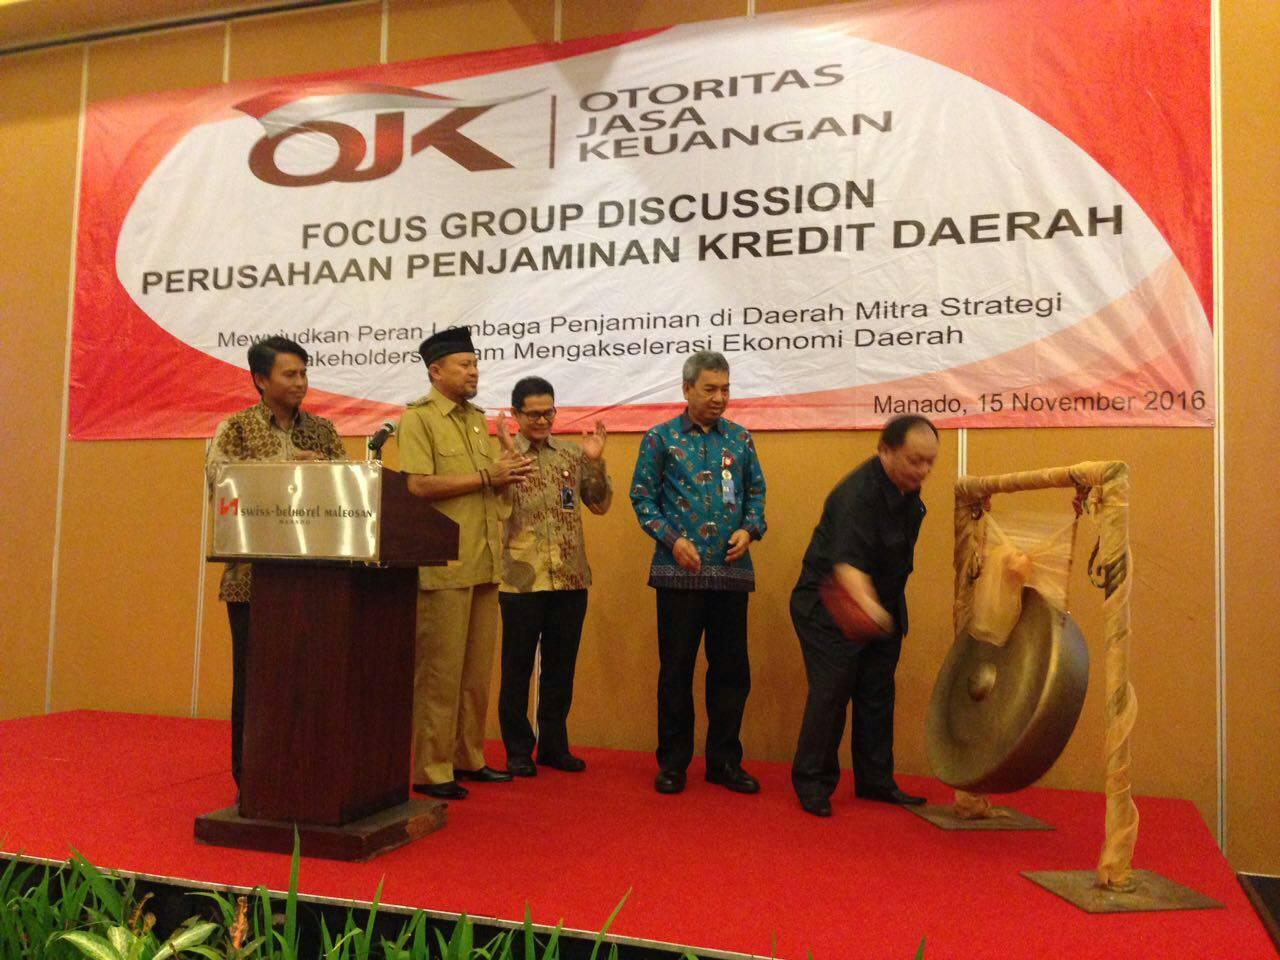 Bupati Hadiri FGD Perusahaan Penjamin Kredit Daerah OJK